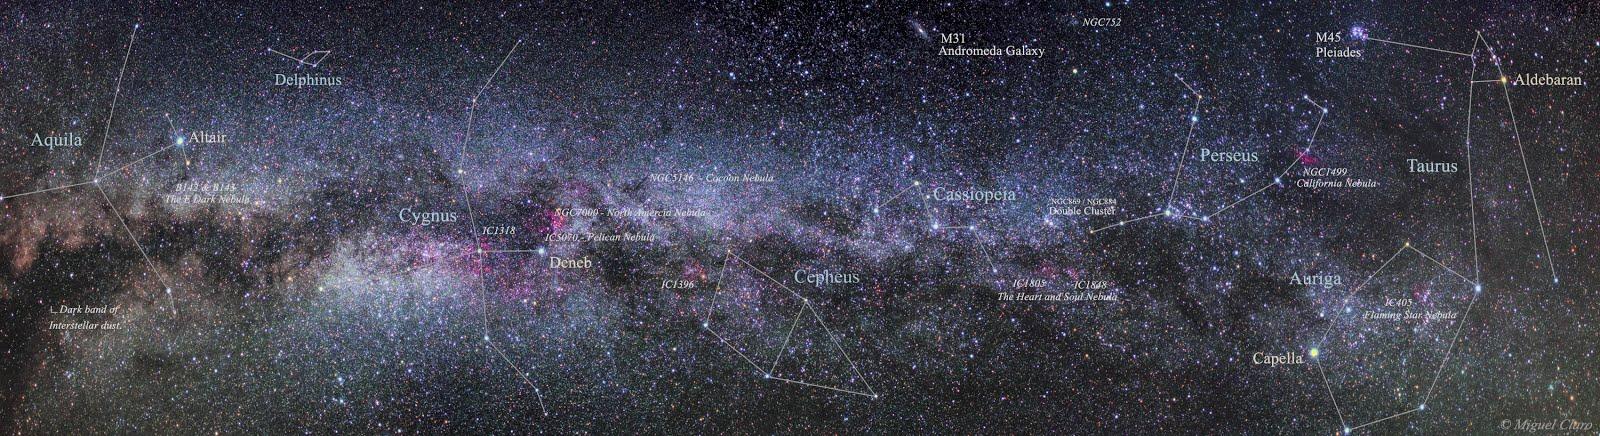 Costellazioni presenti visibili  lungo la Via Lattea